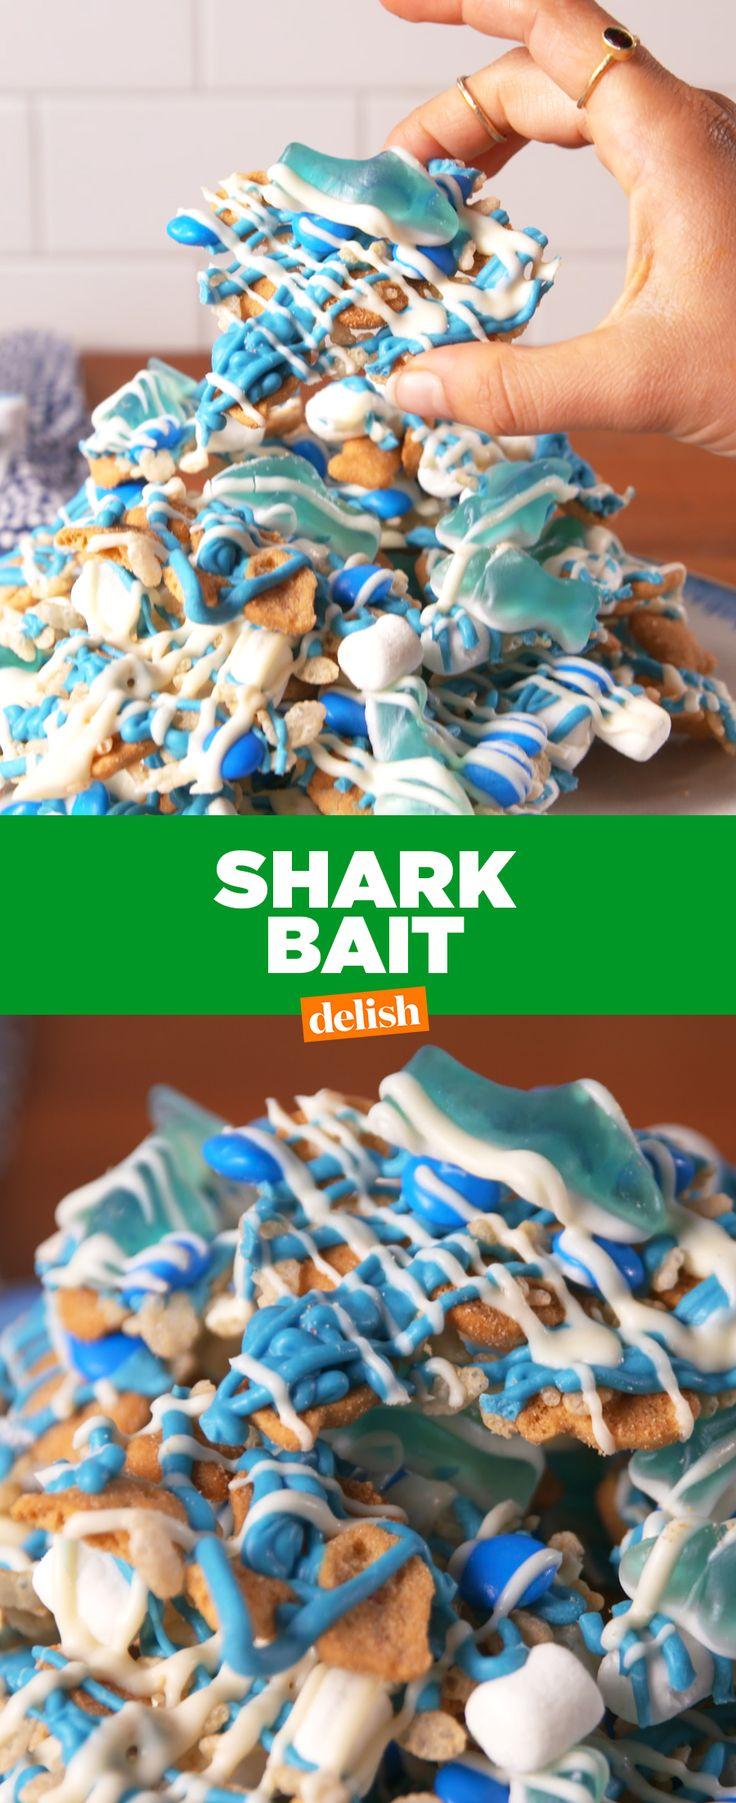 SHARK BAIT, OOH HA HA! Get the recipe at Delish.com.